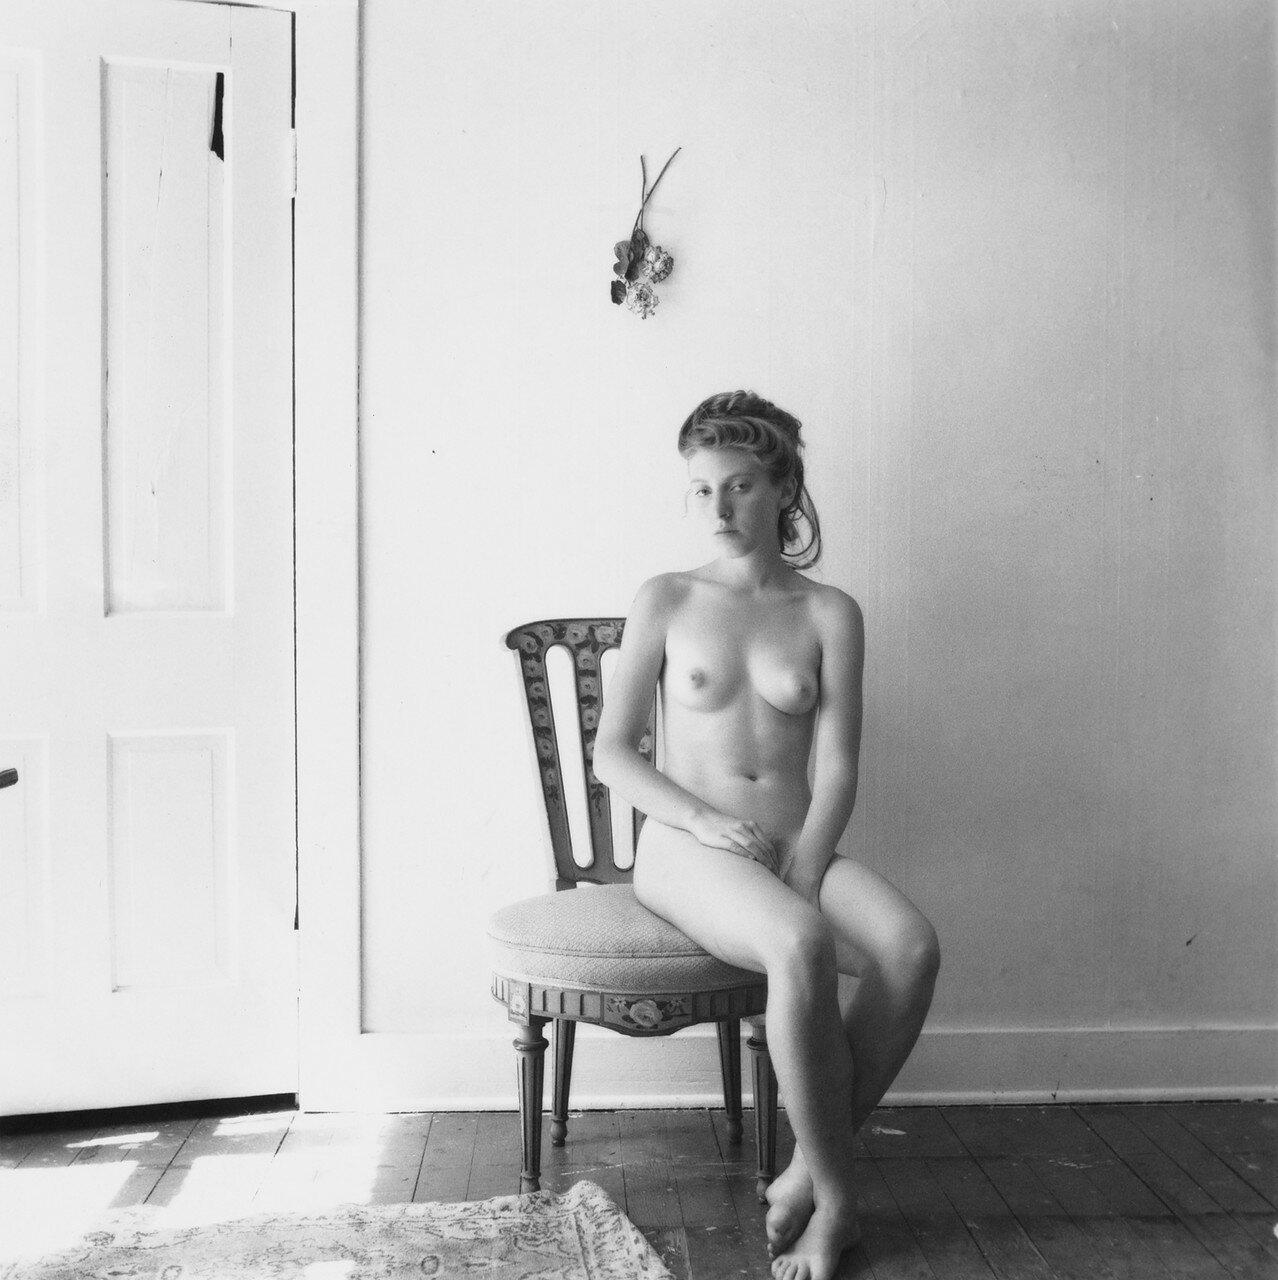 1978. Без названия. Провиденс, Род-Айленд